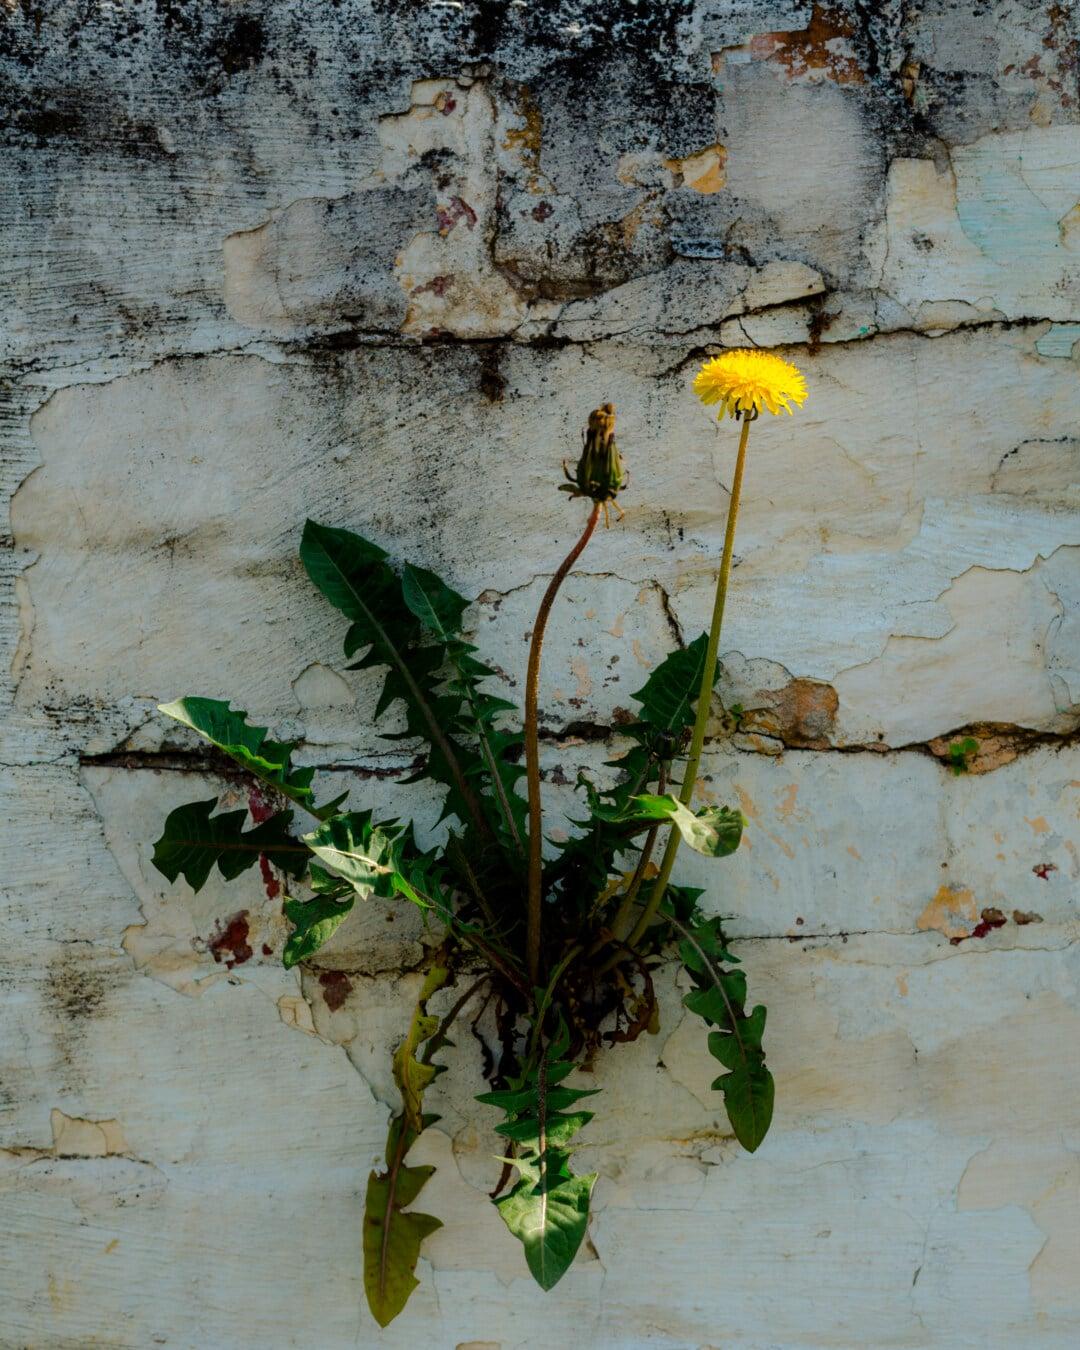 wildflower, dandelion, wall, bricks, habitat, survival, herb, grunge, flower, nature